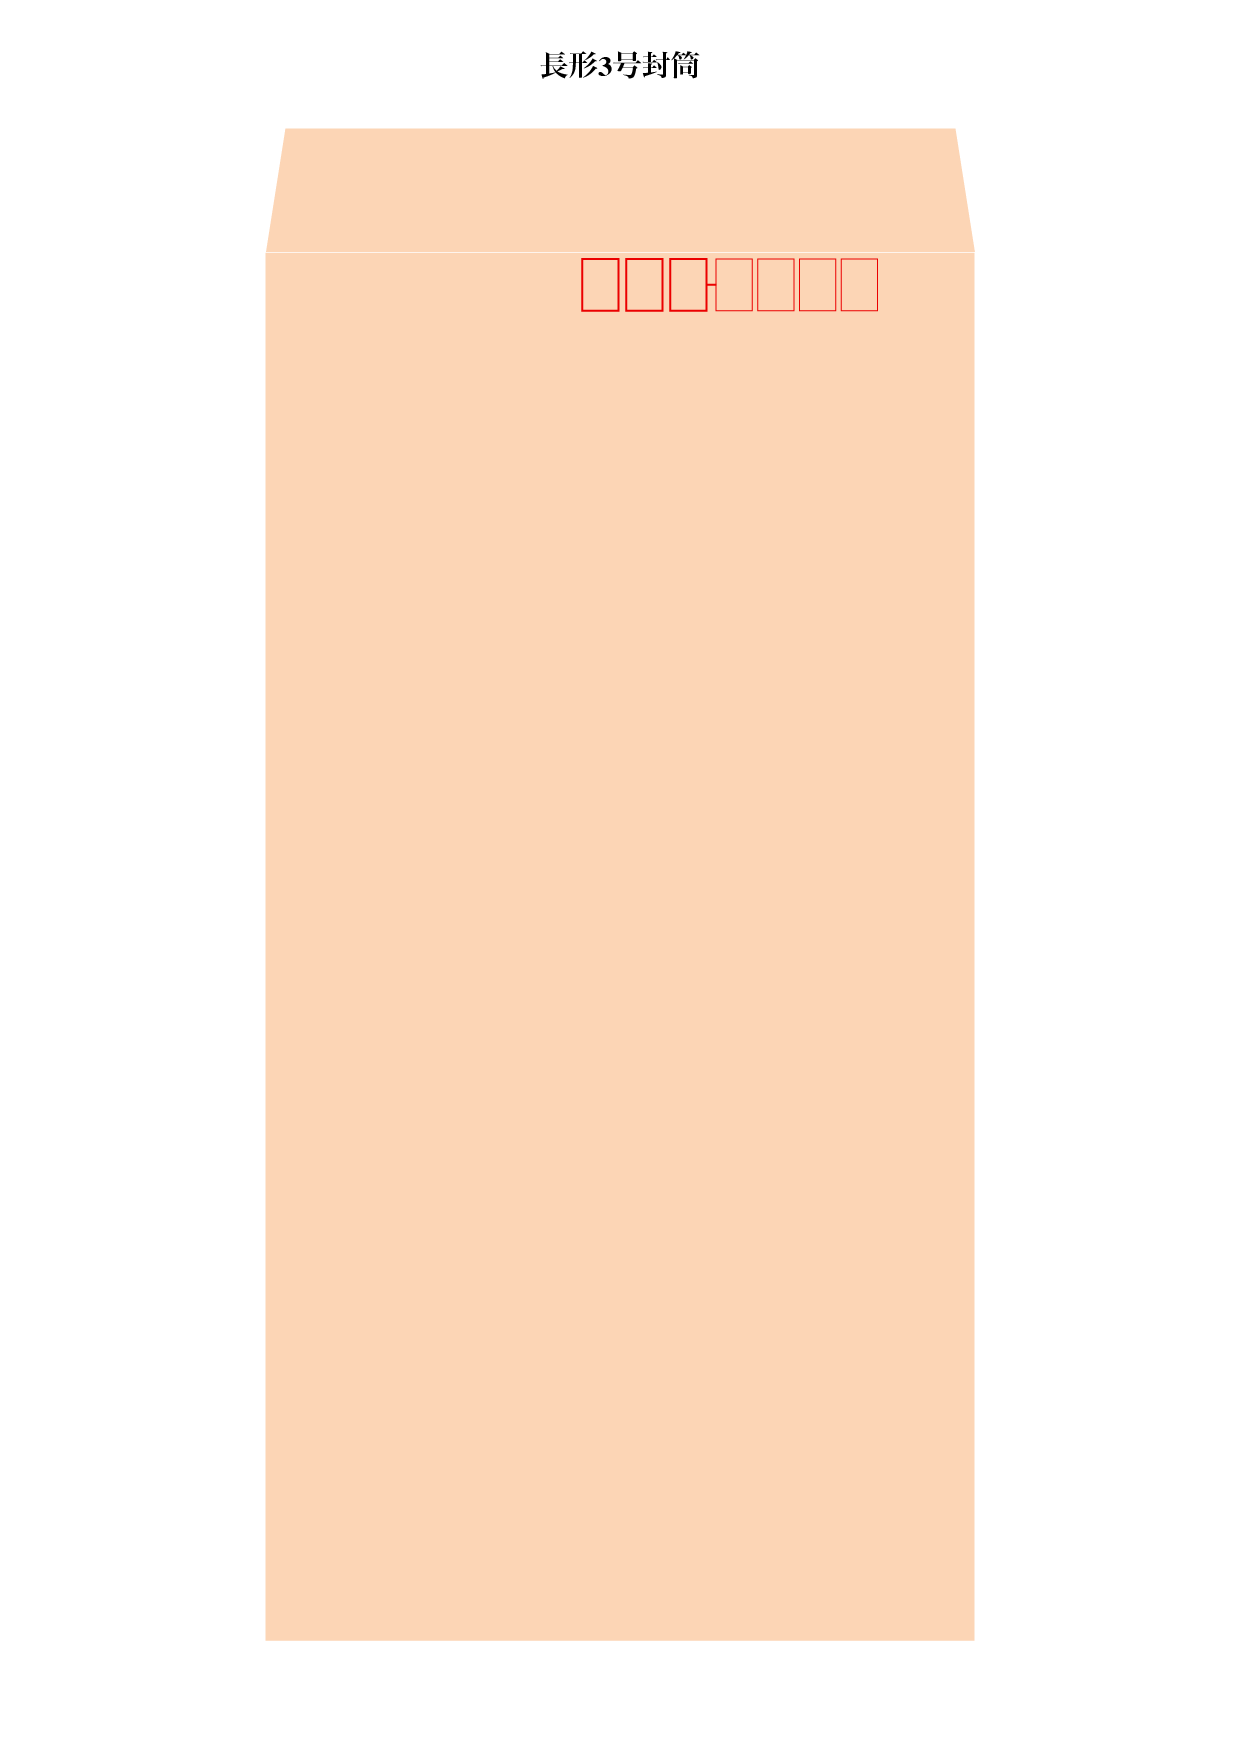 封筒 テンプレート(ワード・ページズ)